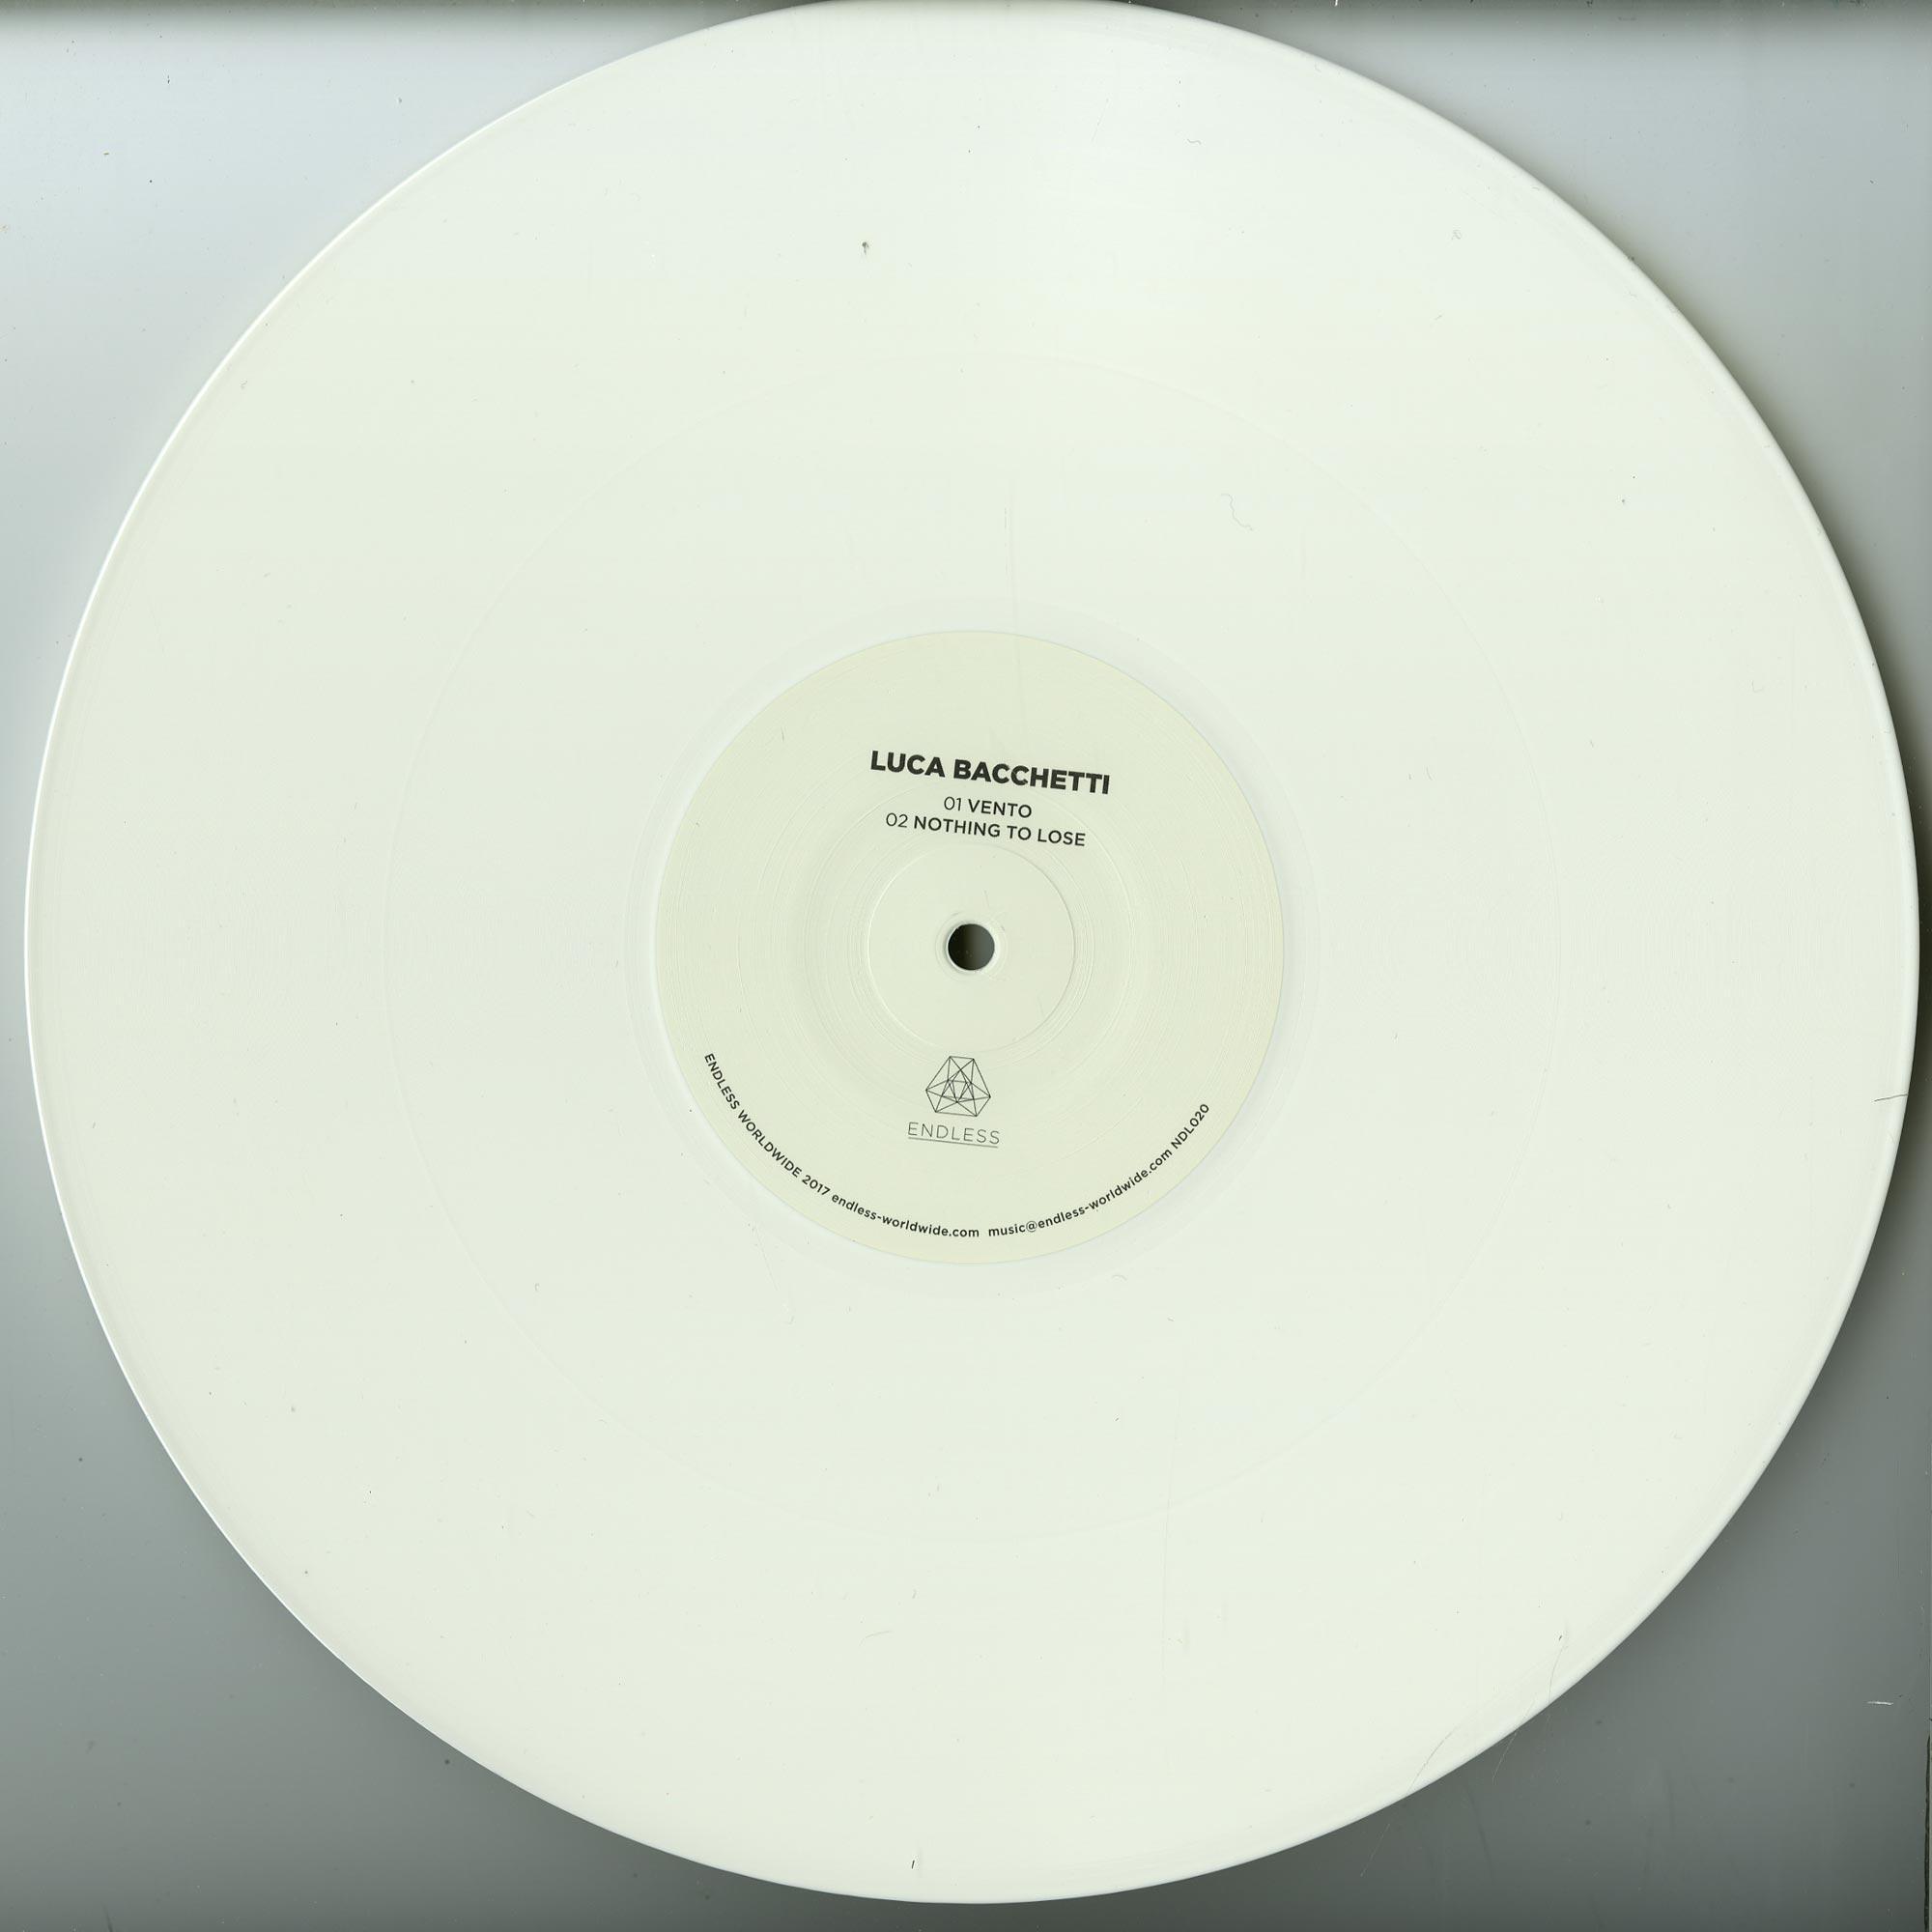 Pablo Bolivar / Luca Bacchetti - VENTO / HIDEAWAY EP